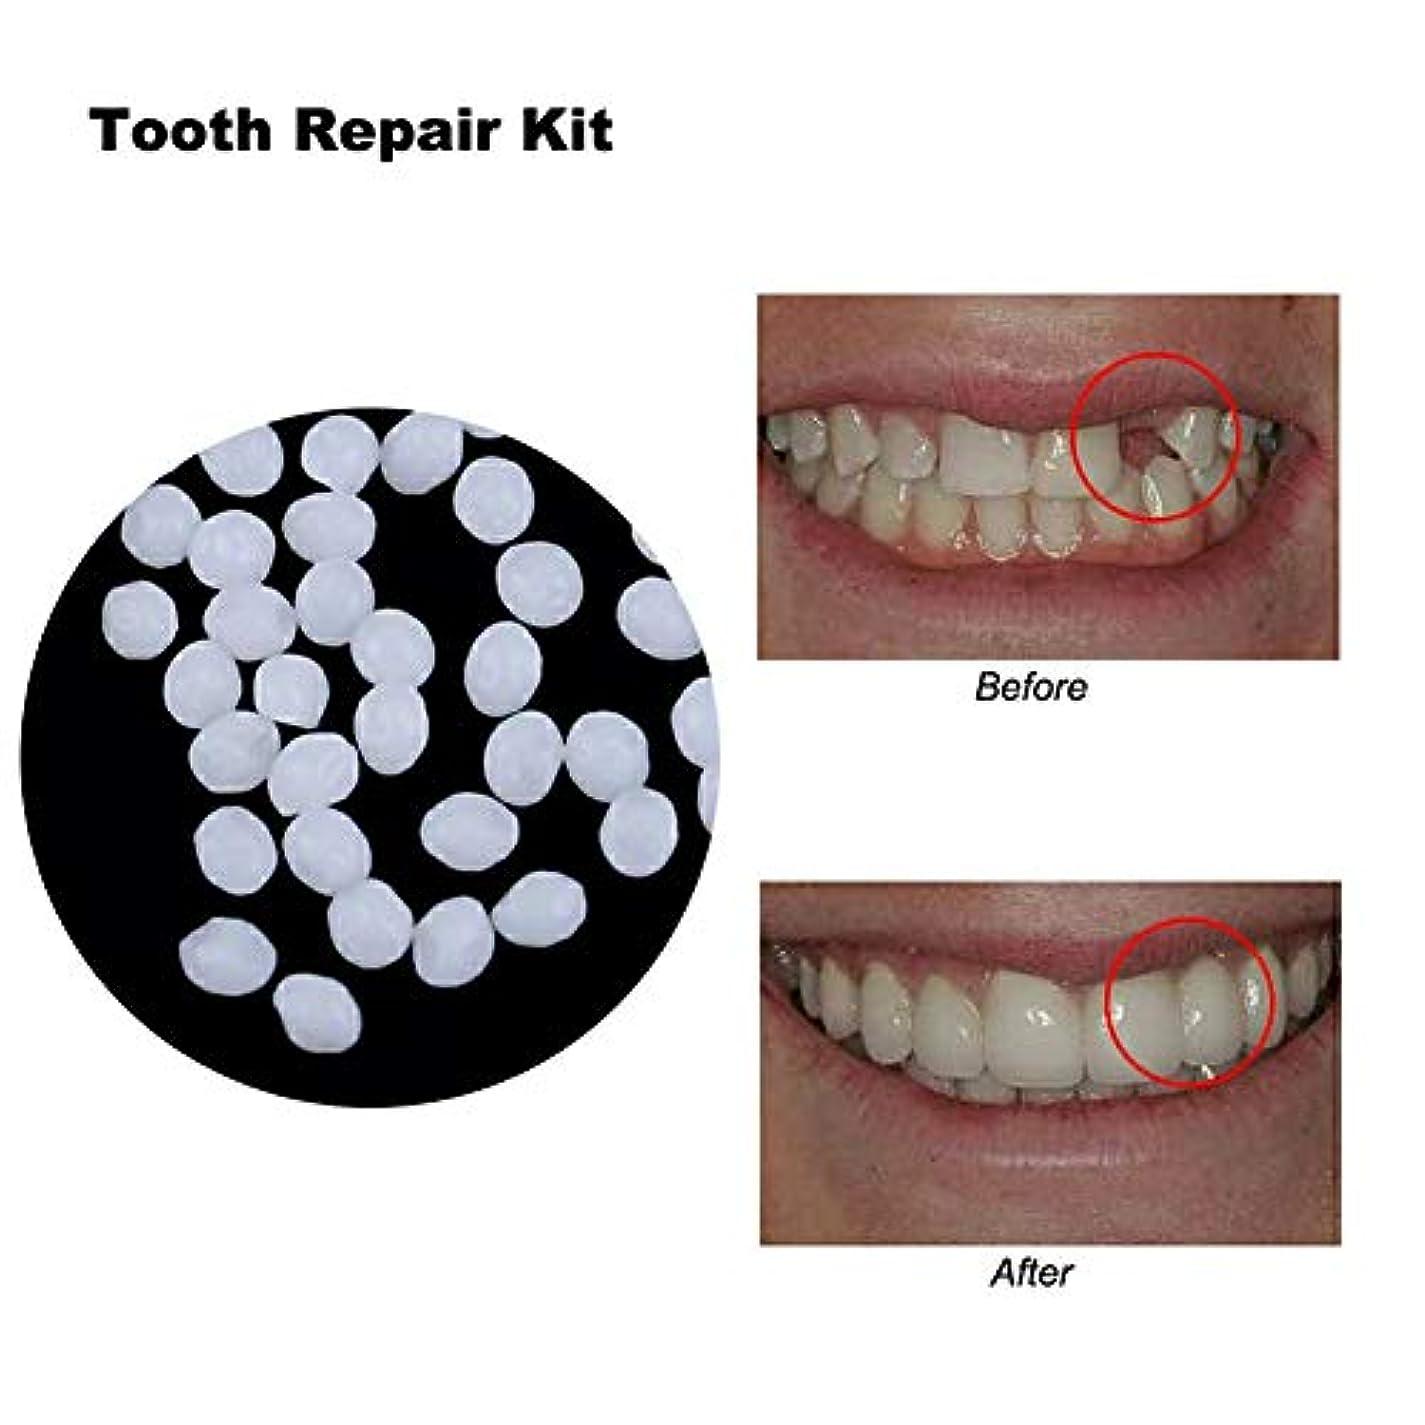 発揮する溶接名前偽歯固体接着剤、樹脂の歯とギャップのための一時的な化粧品の歯の修復キットクリエイティブ義歯接着剤,10ml14g